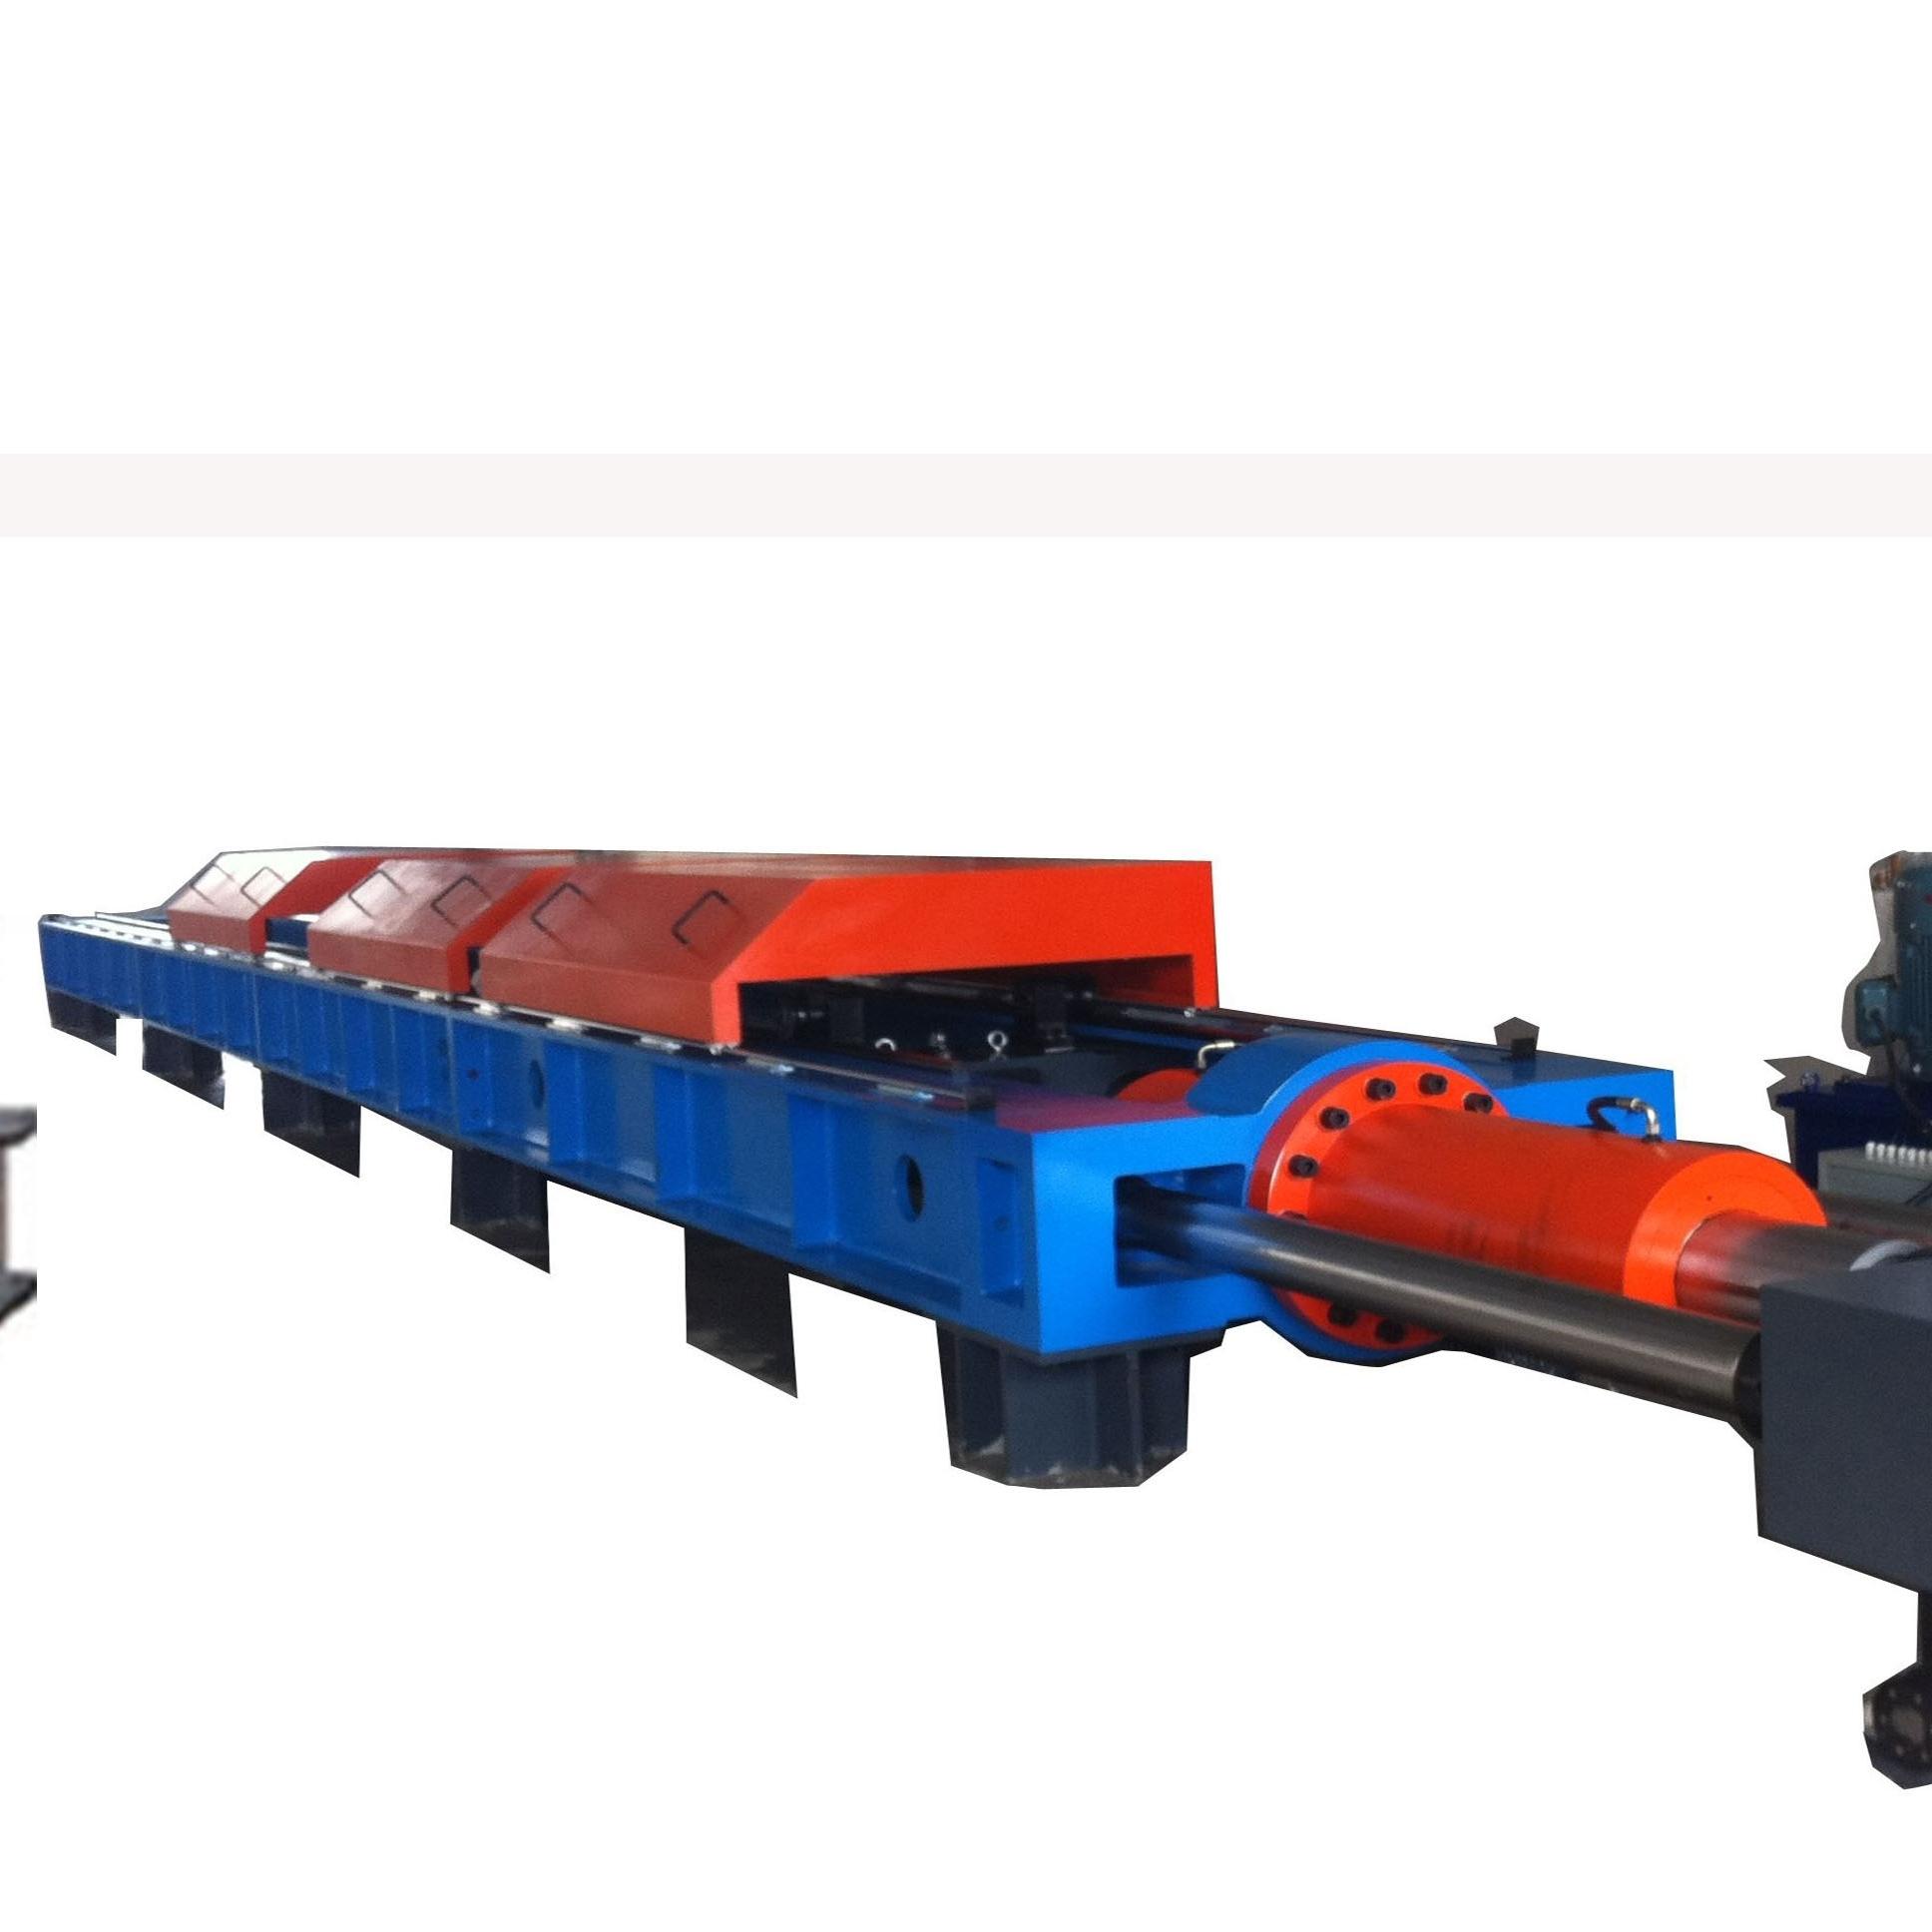 微机控制高强螺栓检测仪技术协议书